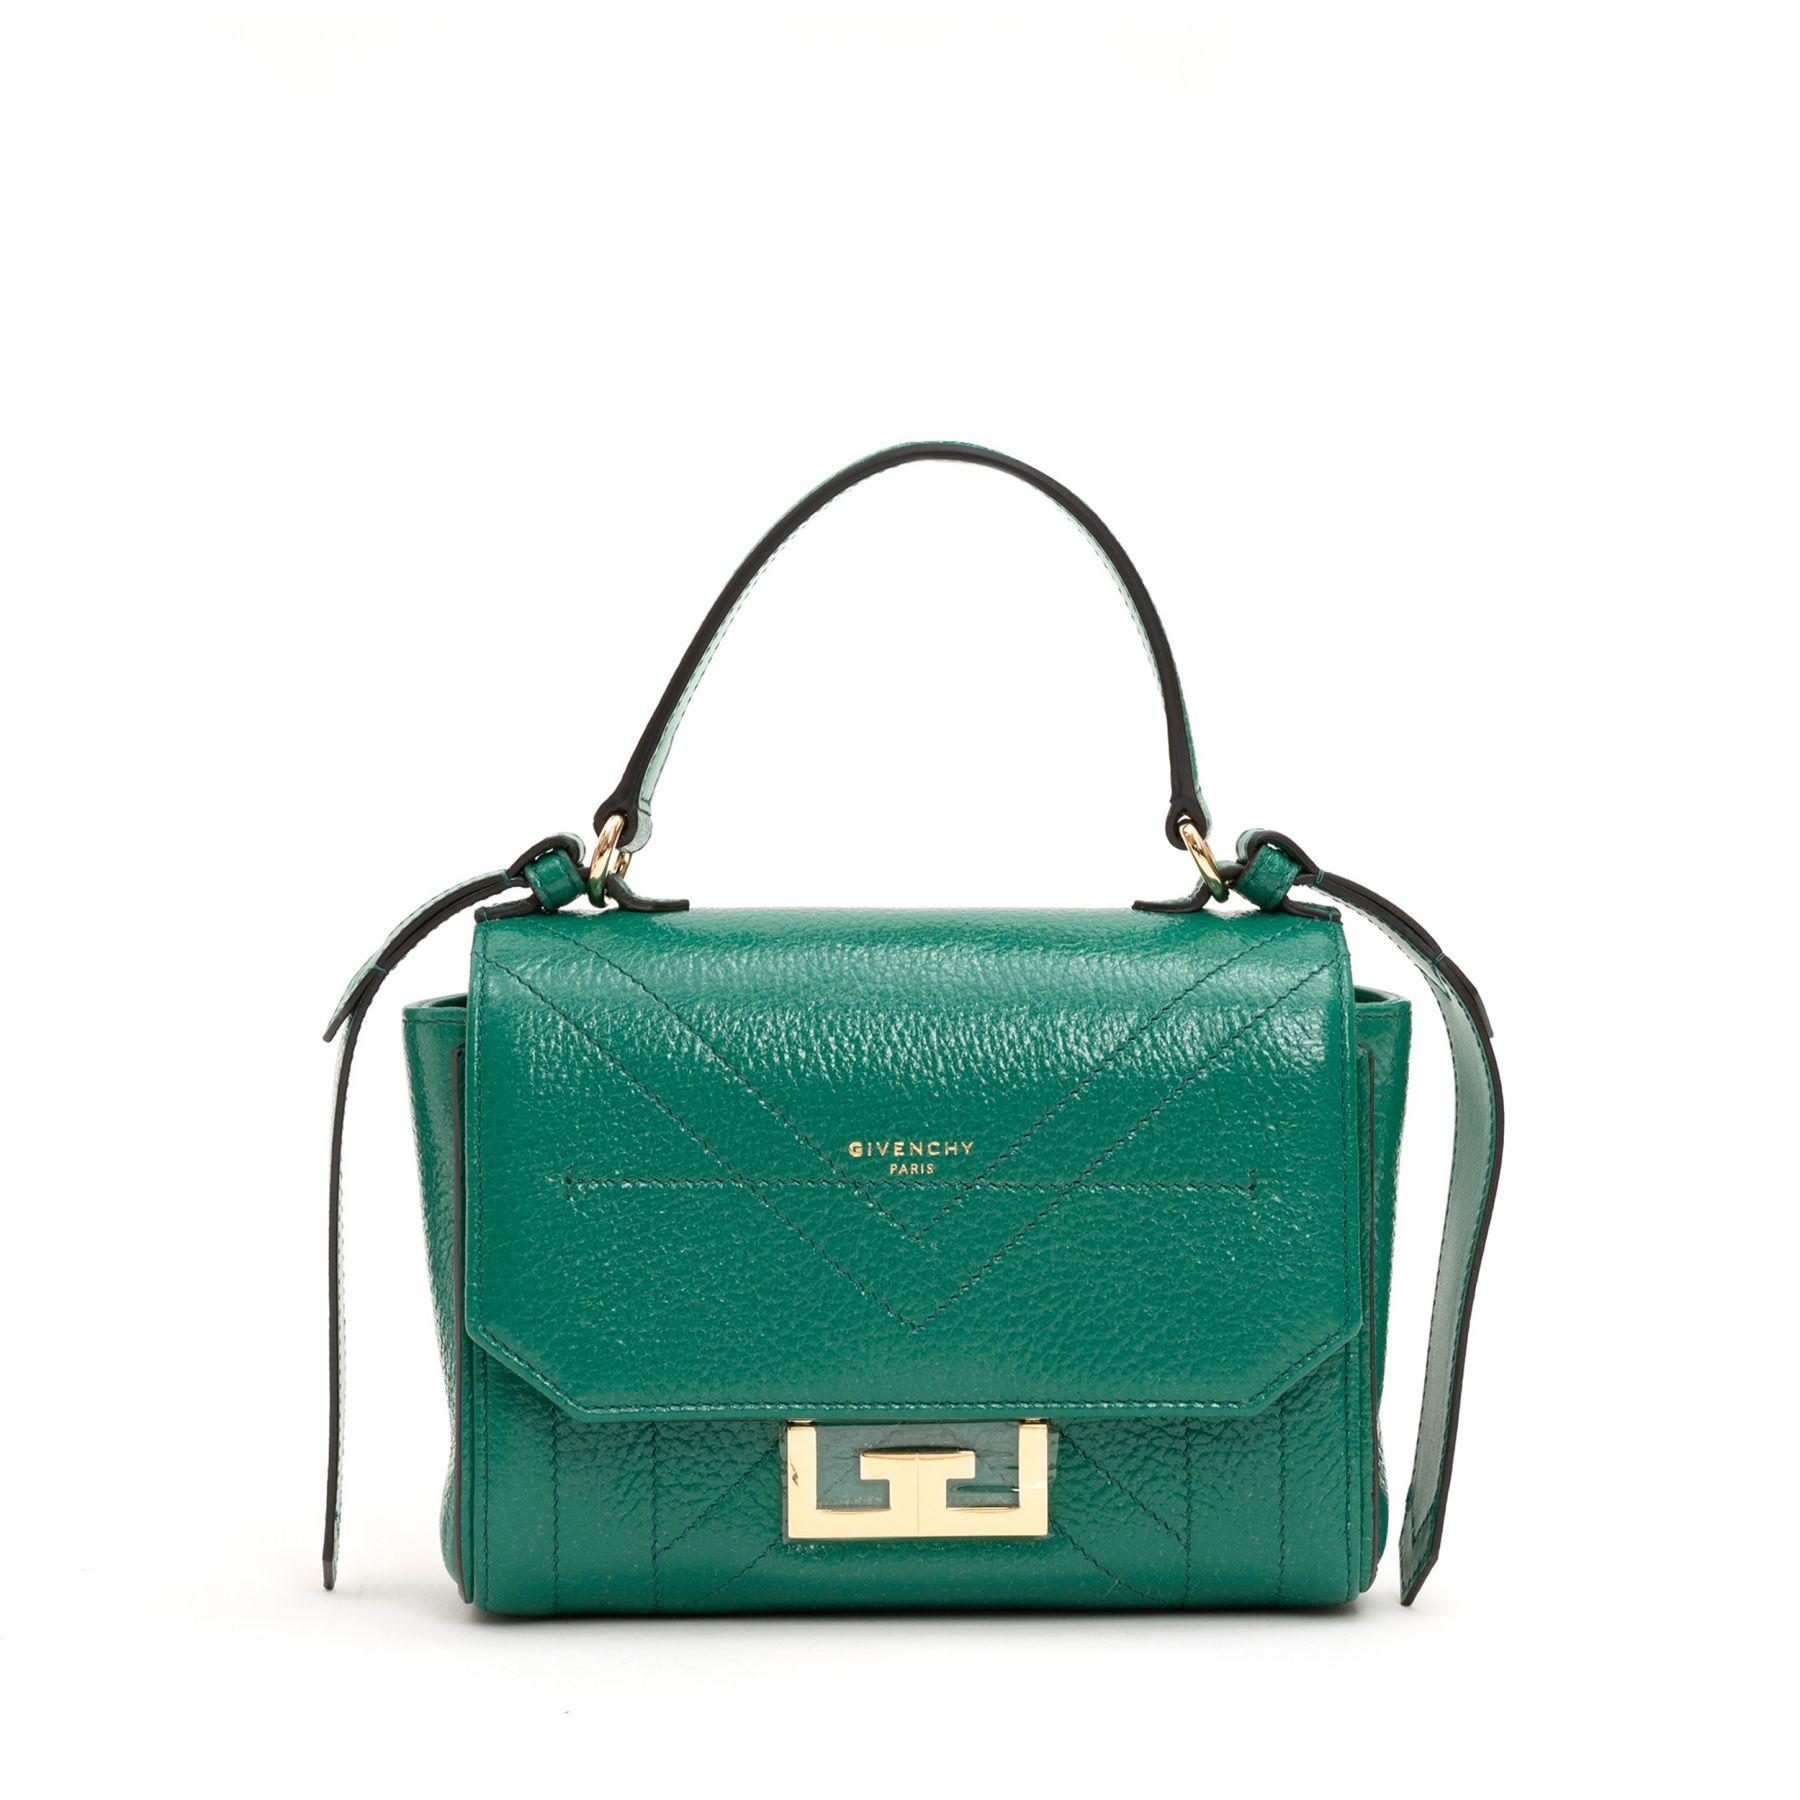 Сумка Givenchy Eden зеленая